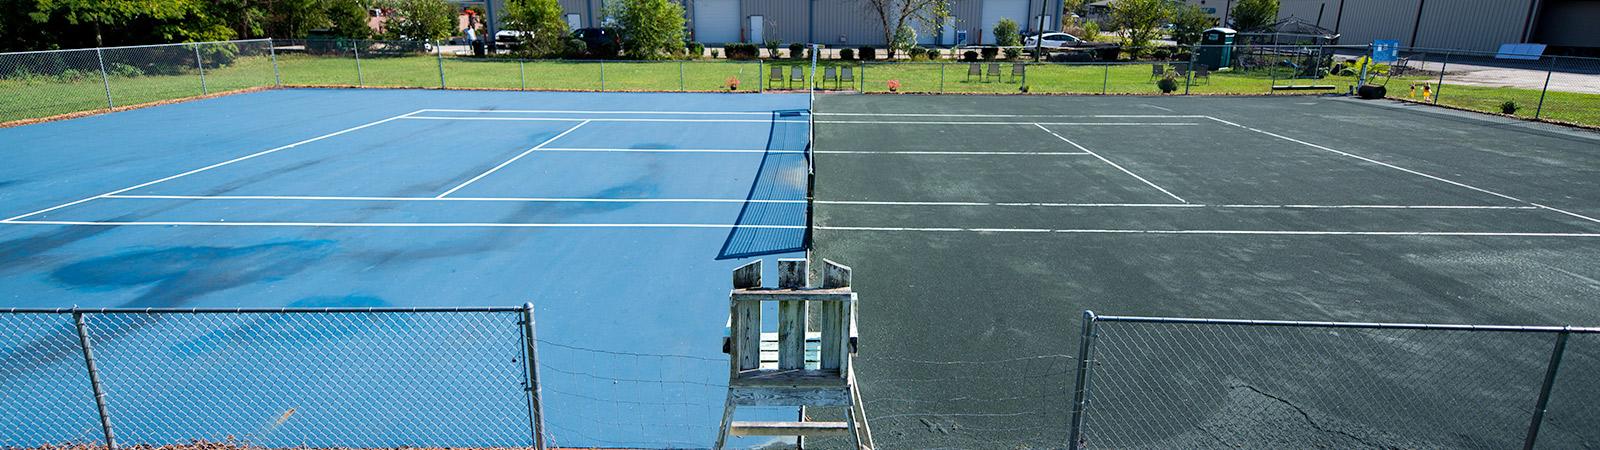 Hybrid Tennis Court